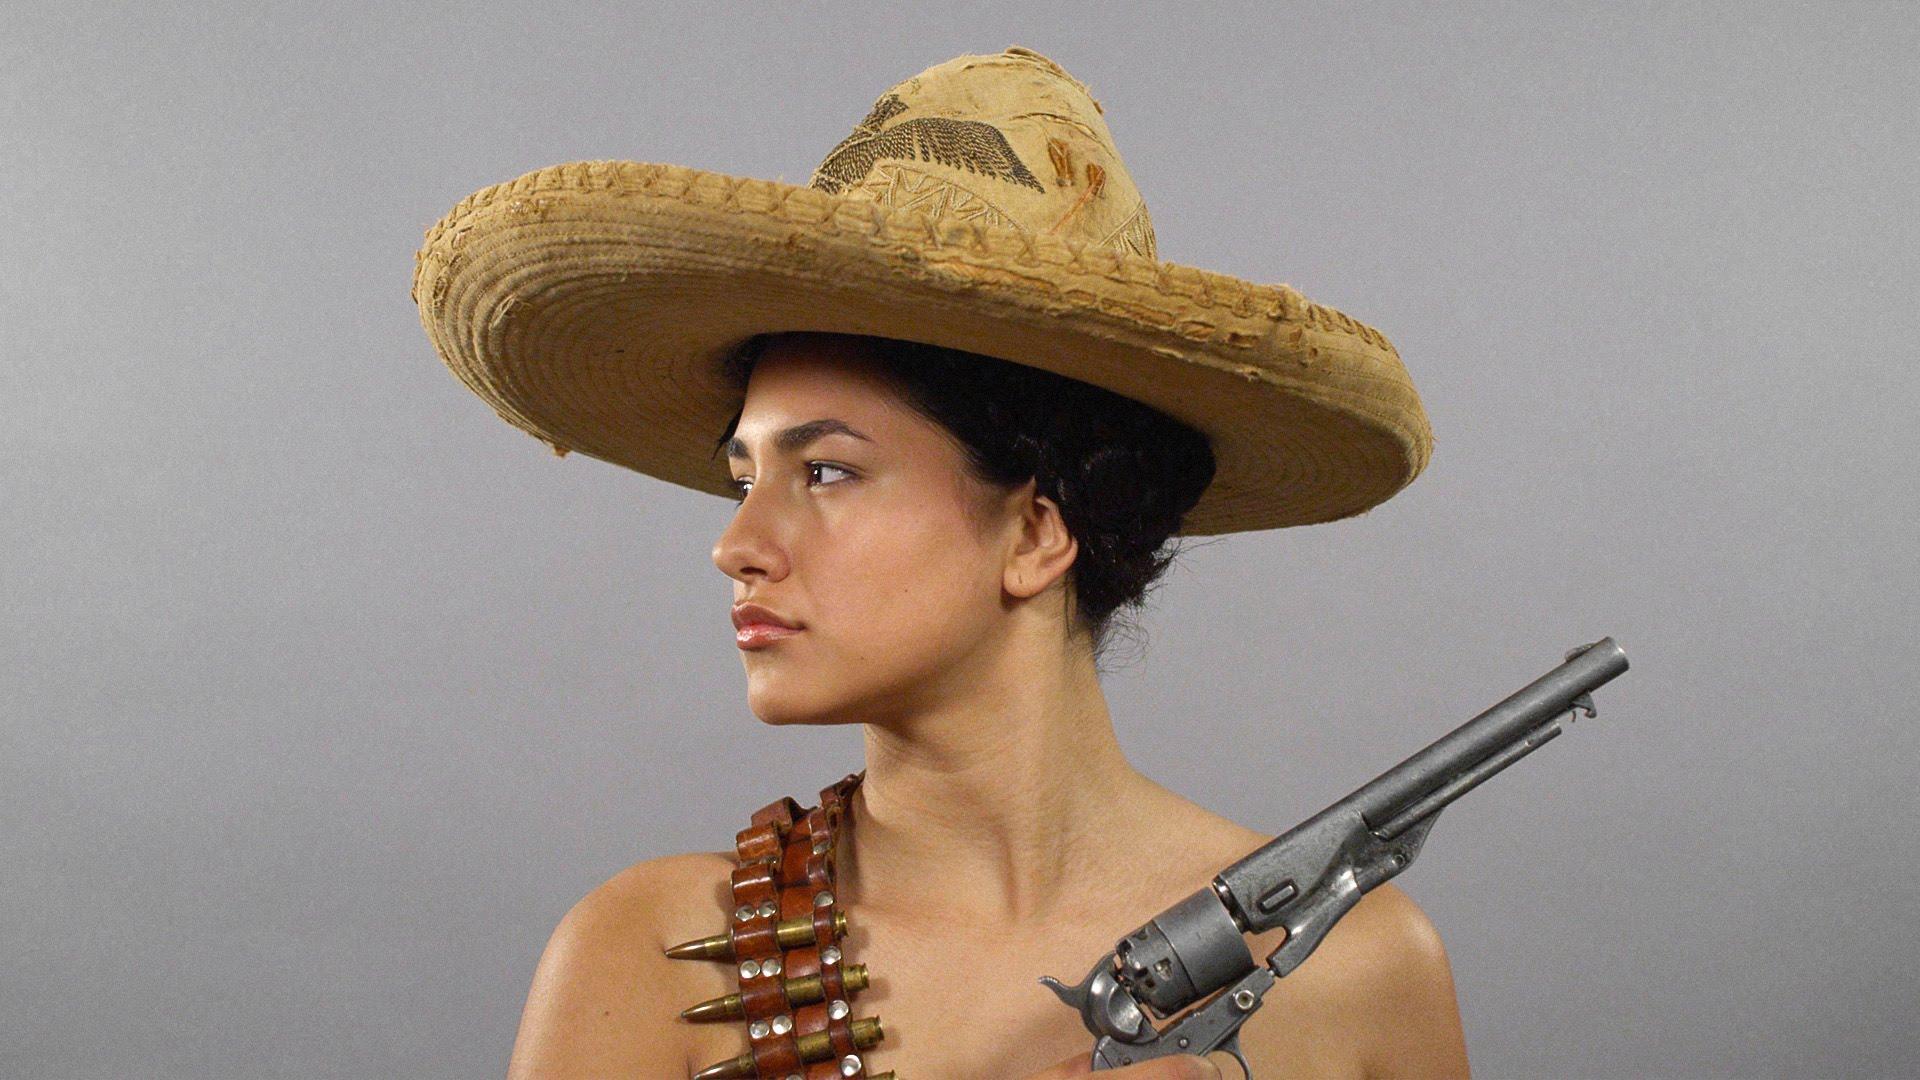 تغير مقاييس جمال المرأة فى المكسيك